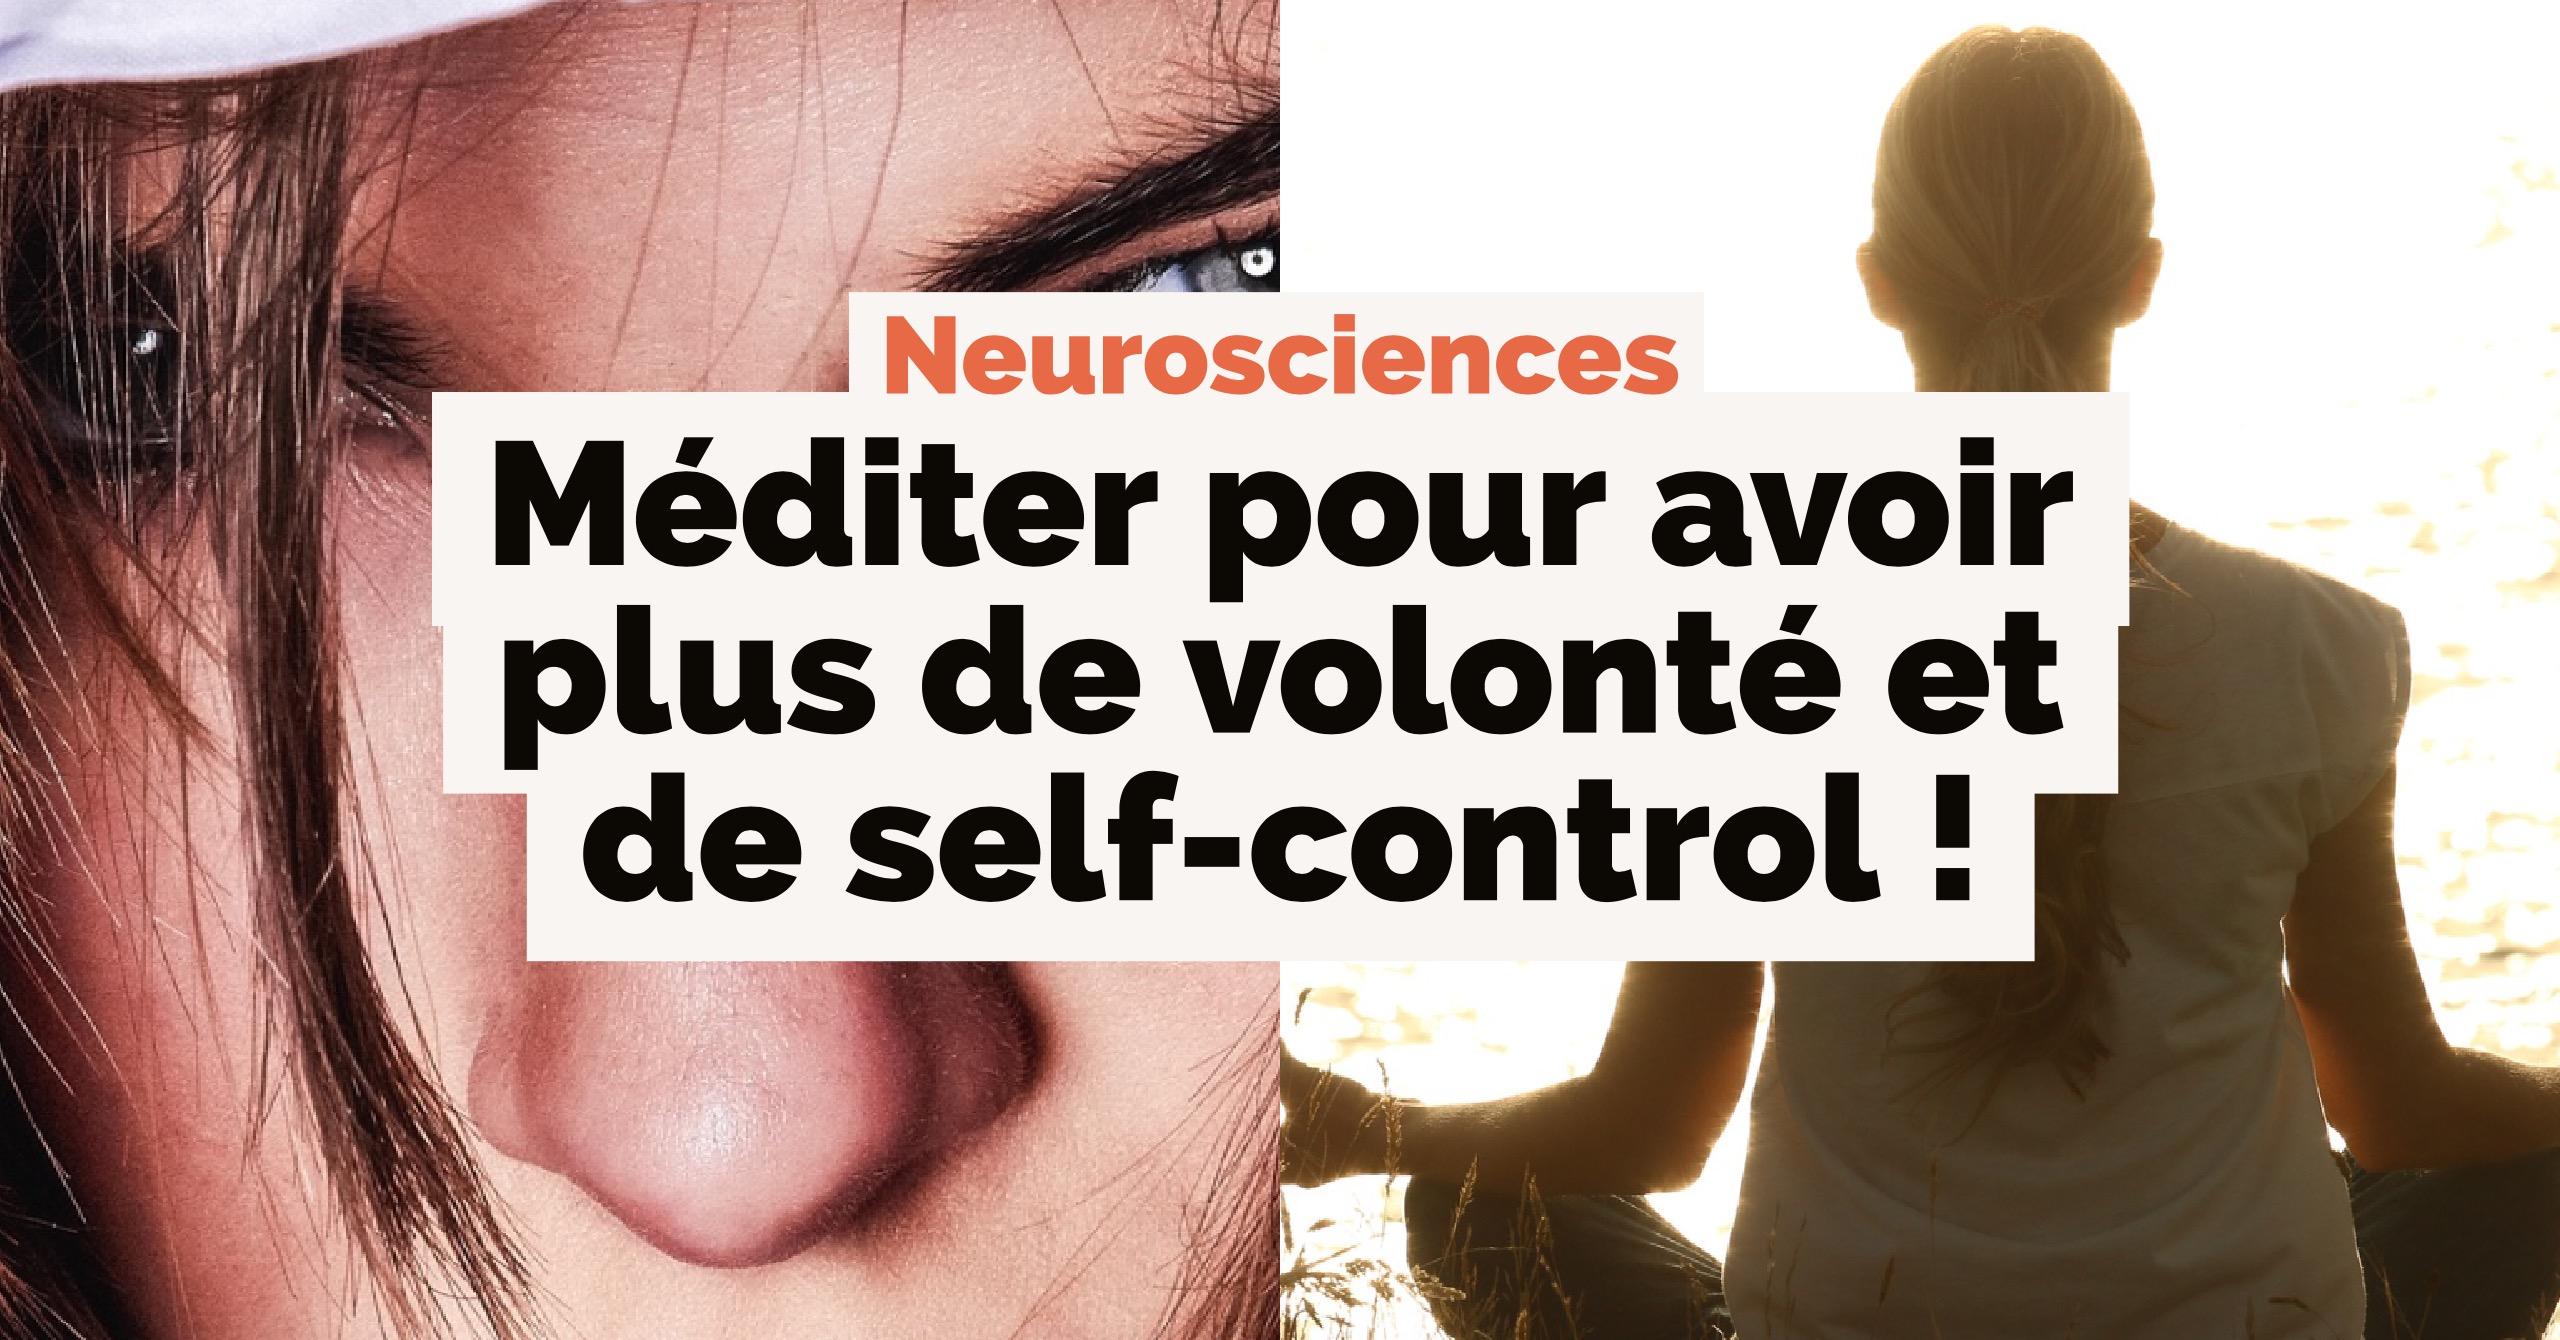 La méditation renforce la volonté et augmente le self-control